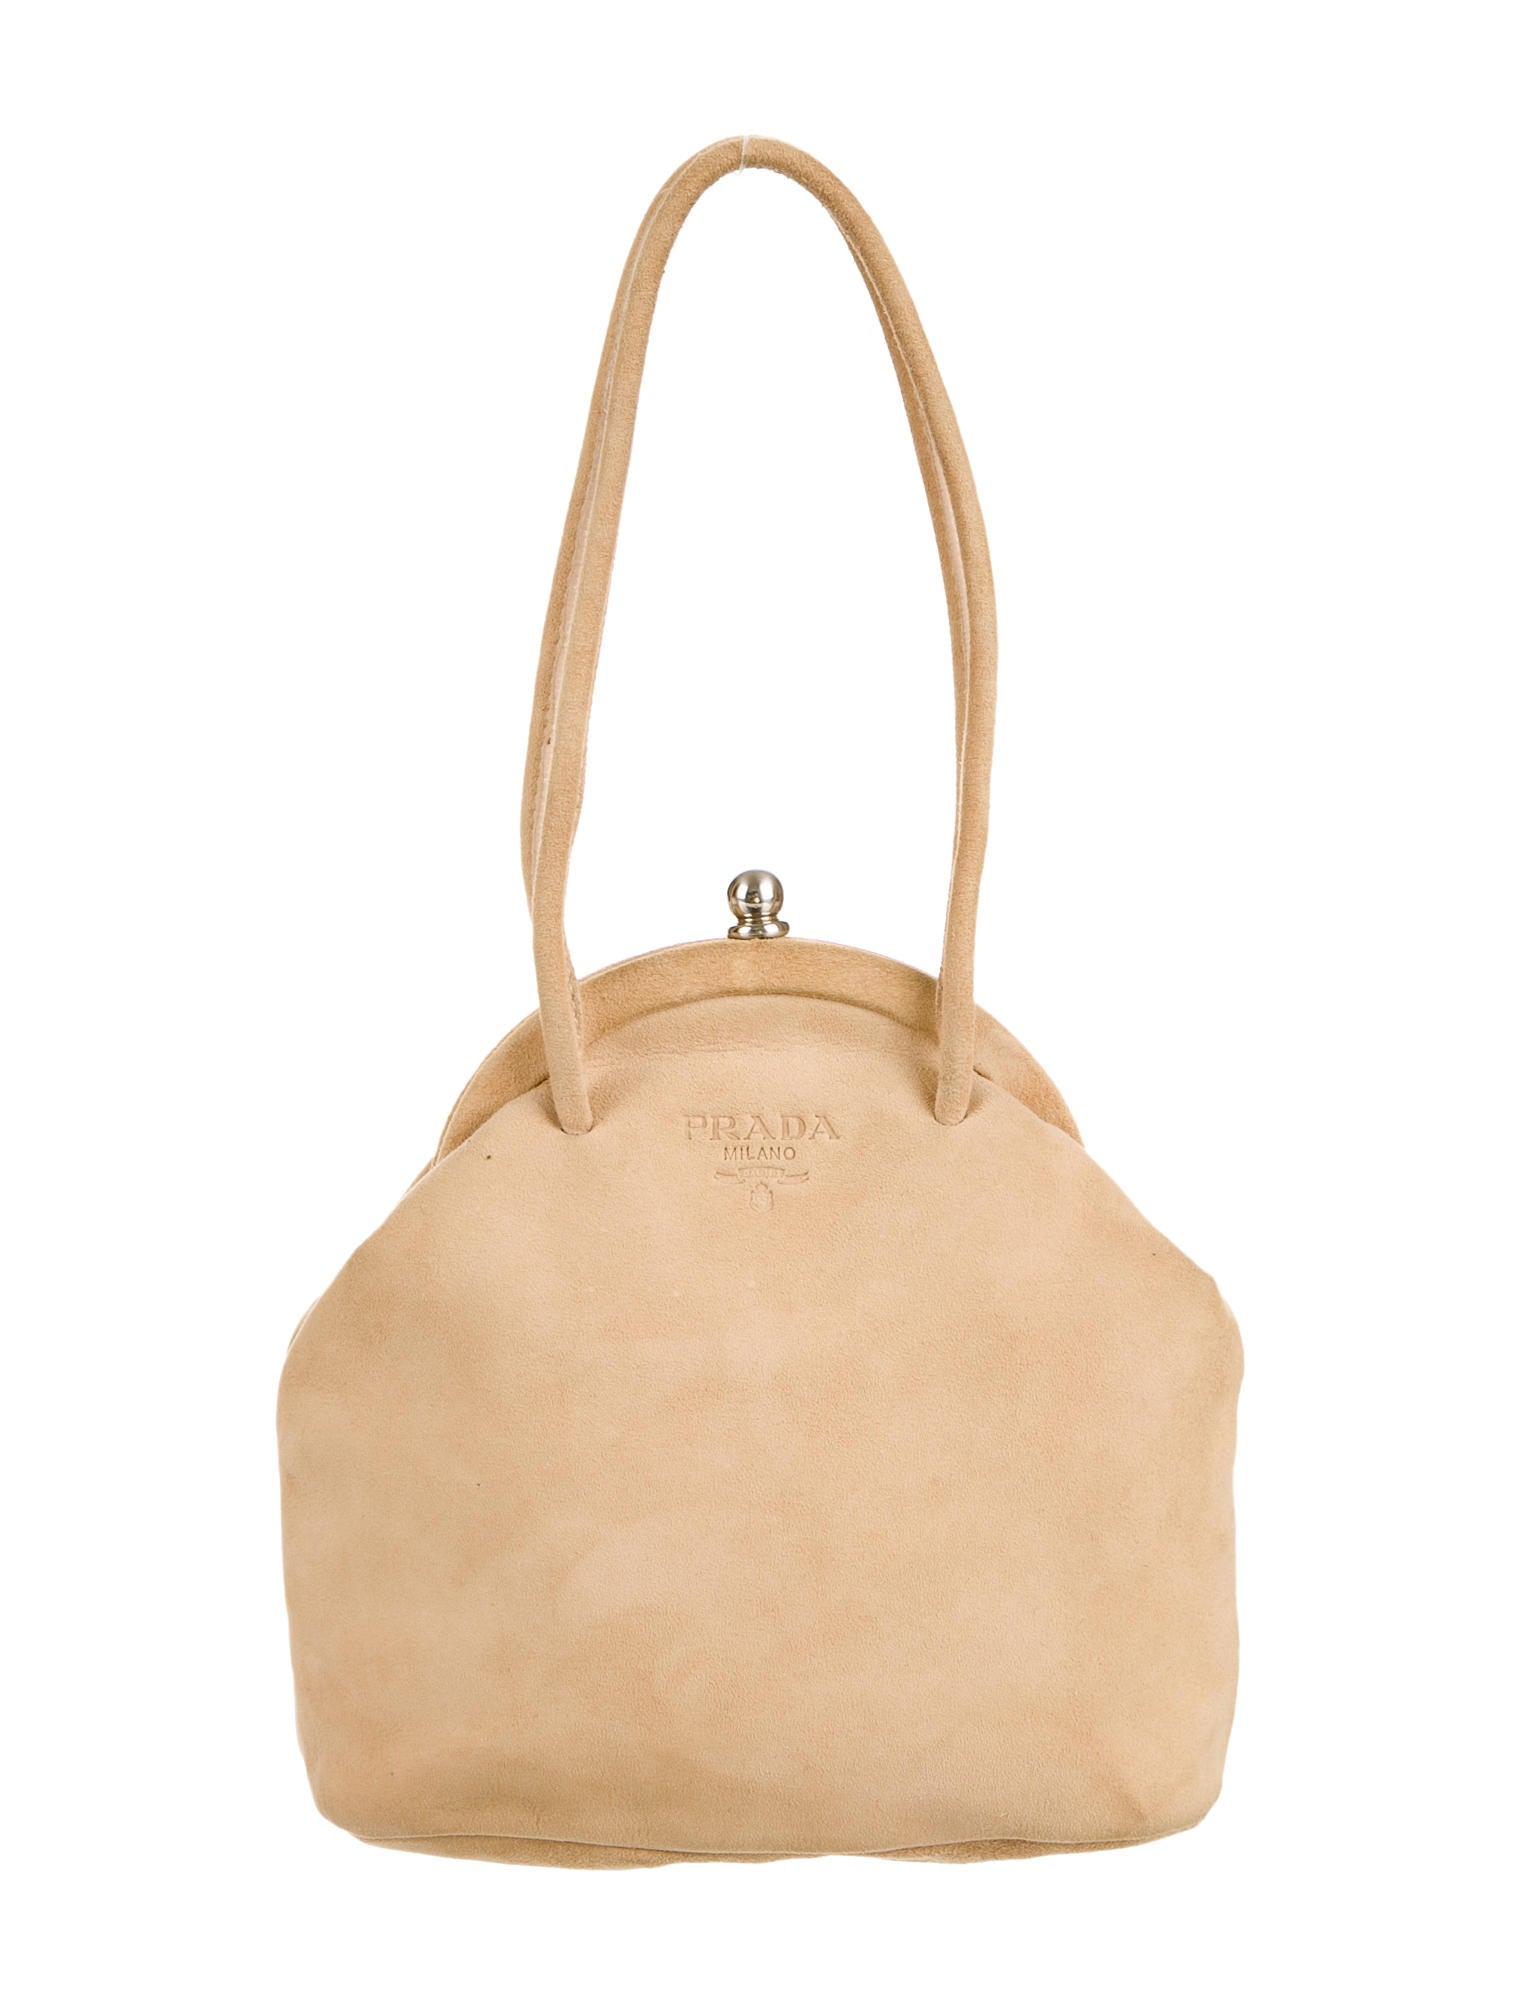 Prada Suede Evening Bag - Handbags - PRA59560 | The RealReal